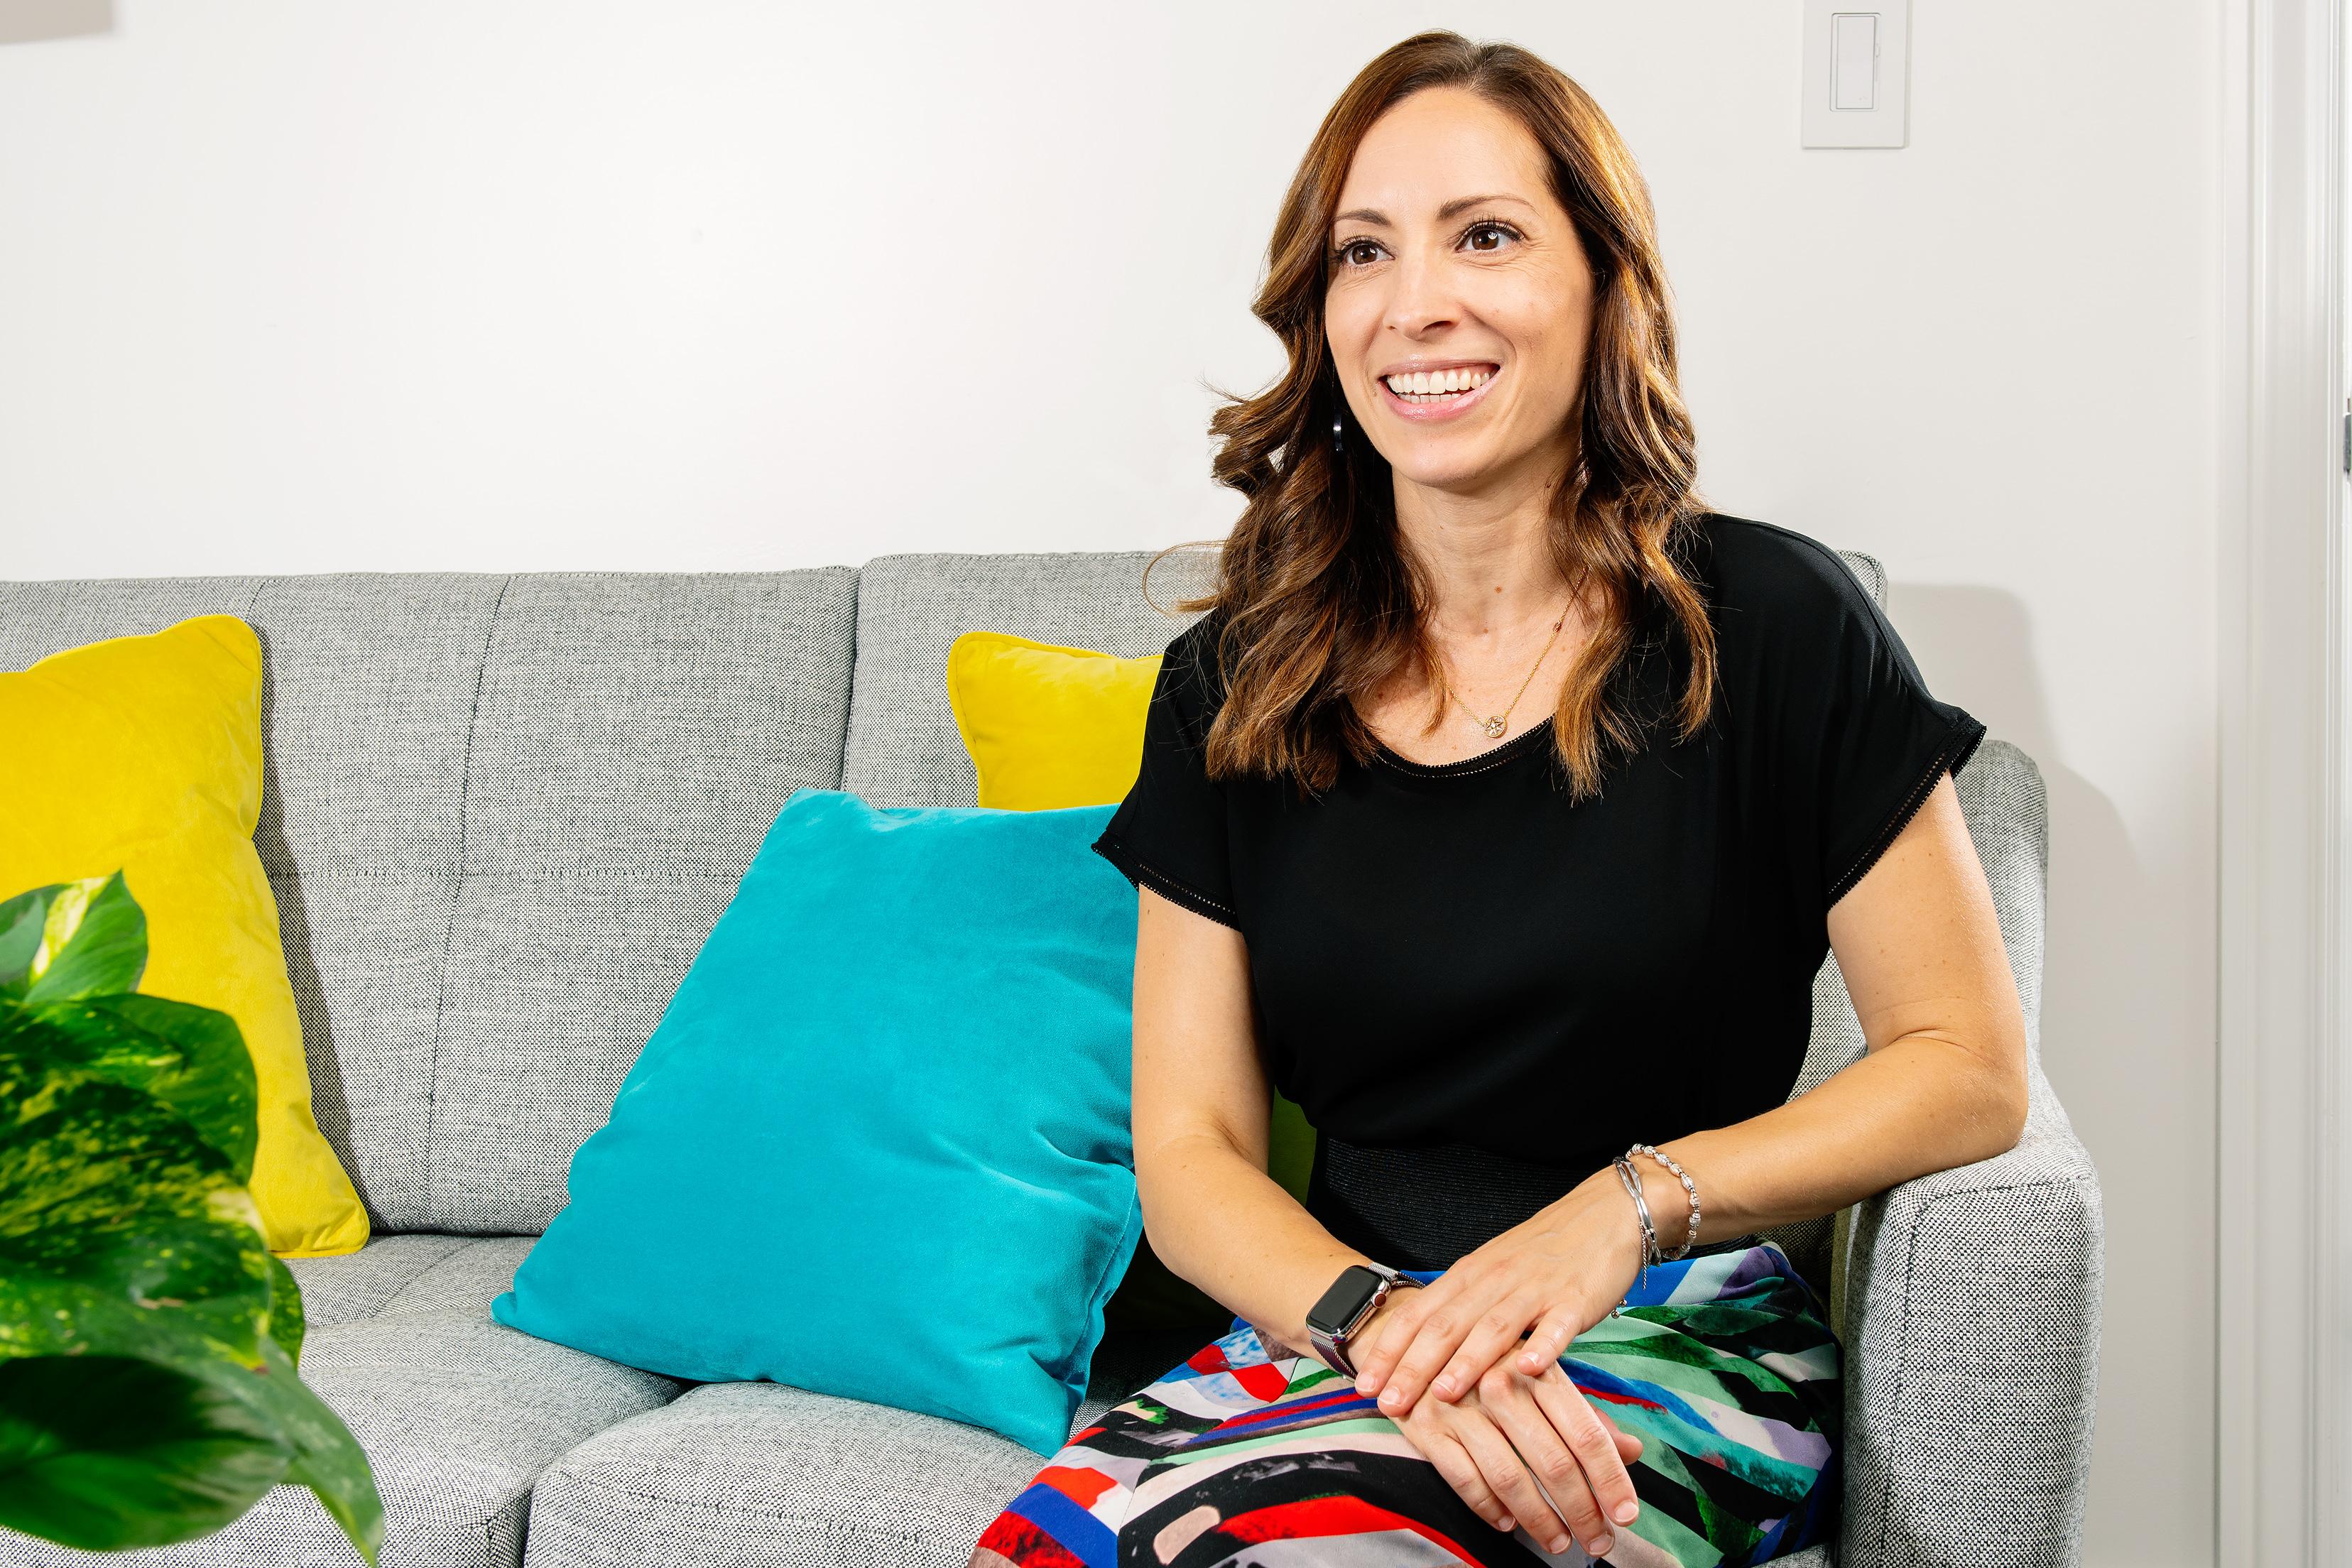 VEN07.19-Leah Busque TaskRabbit